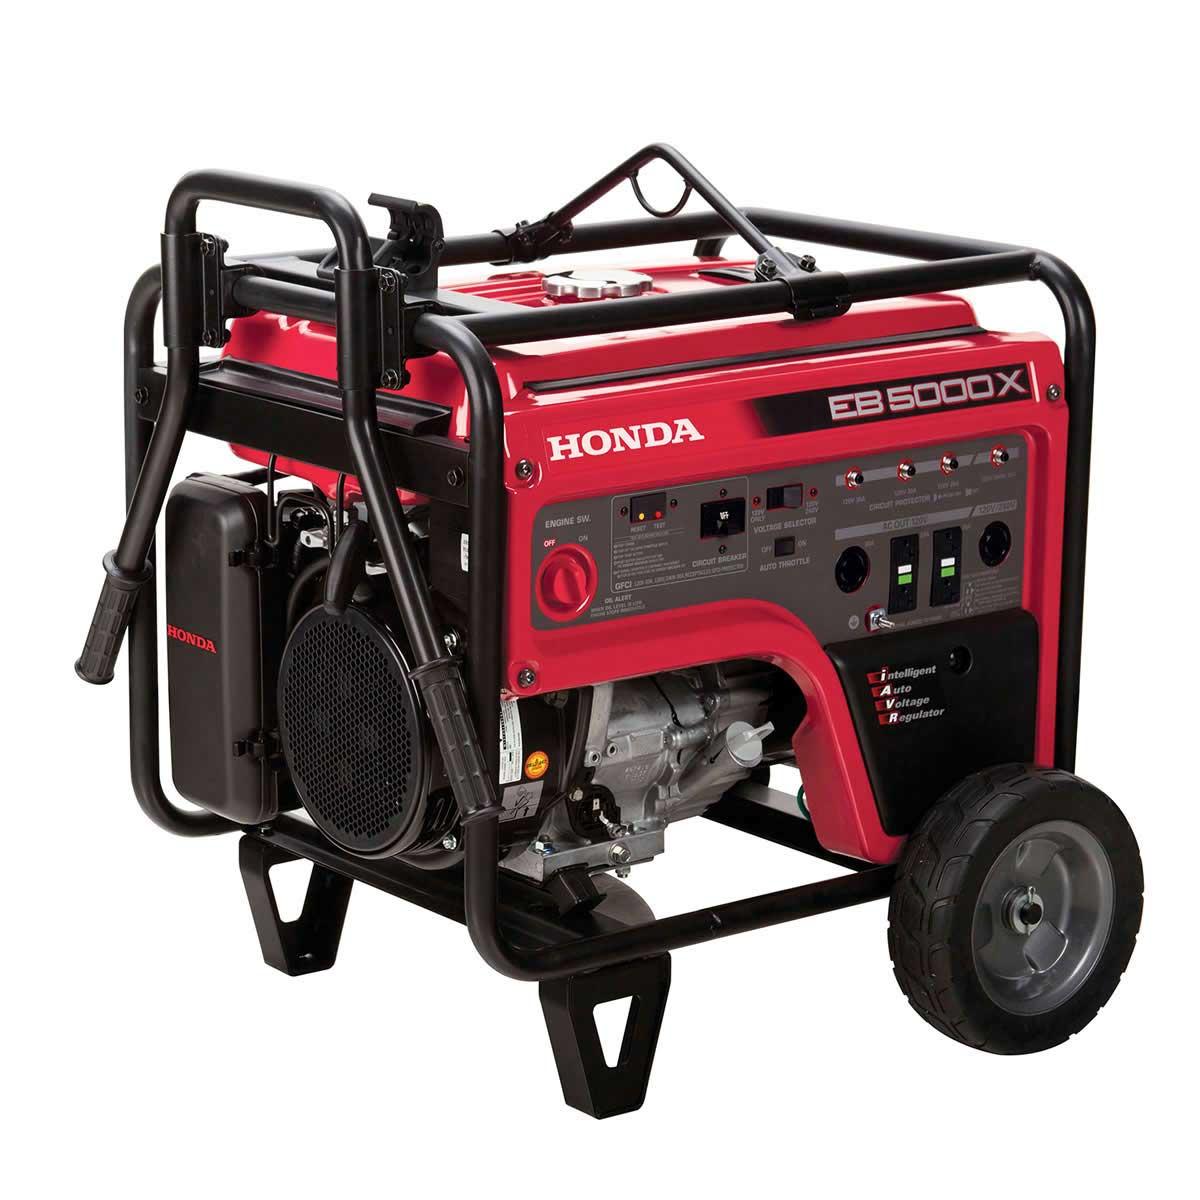 Honda Generator EB5000